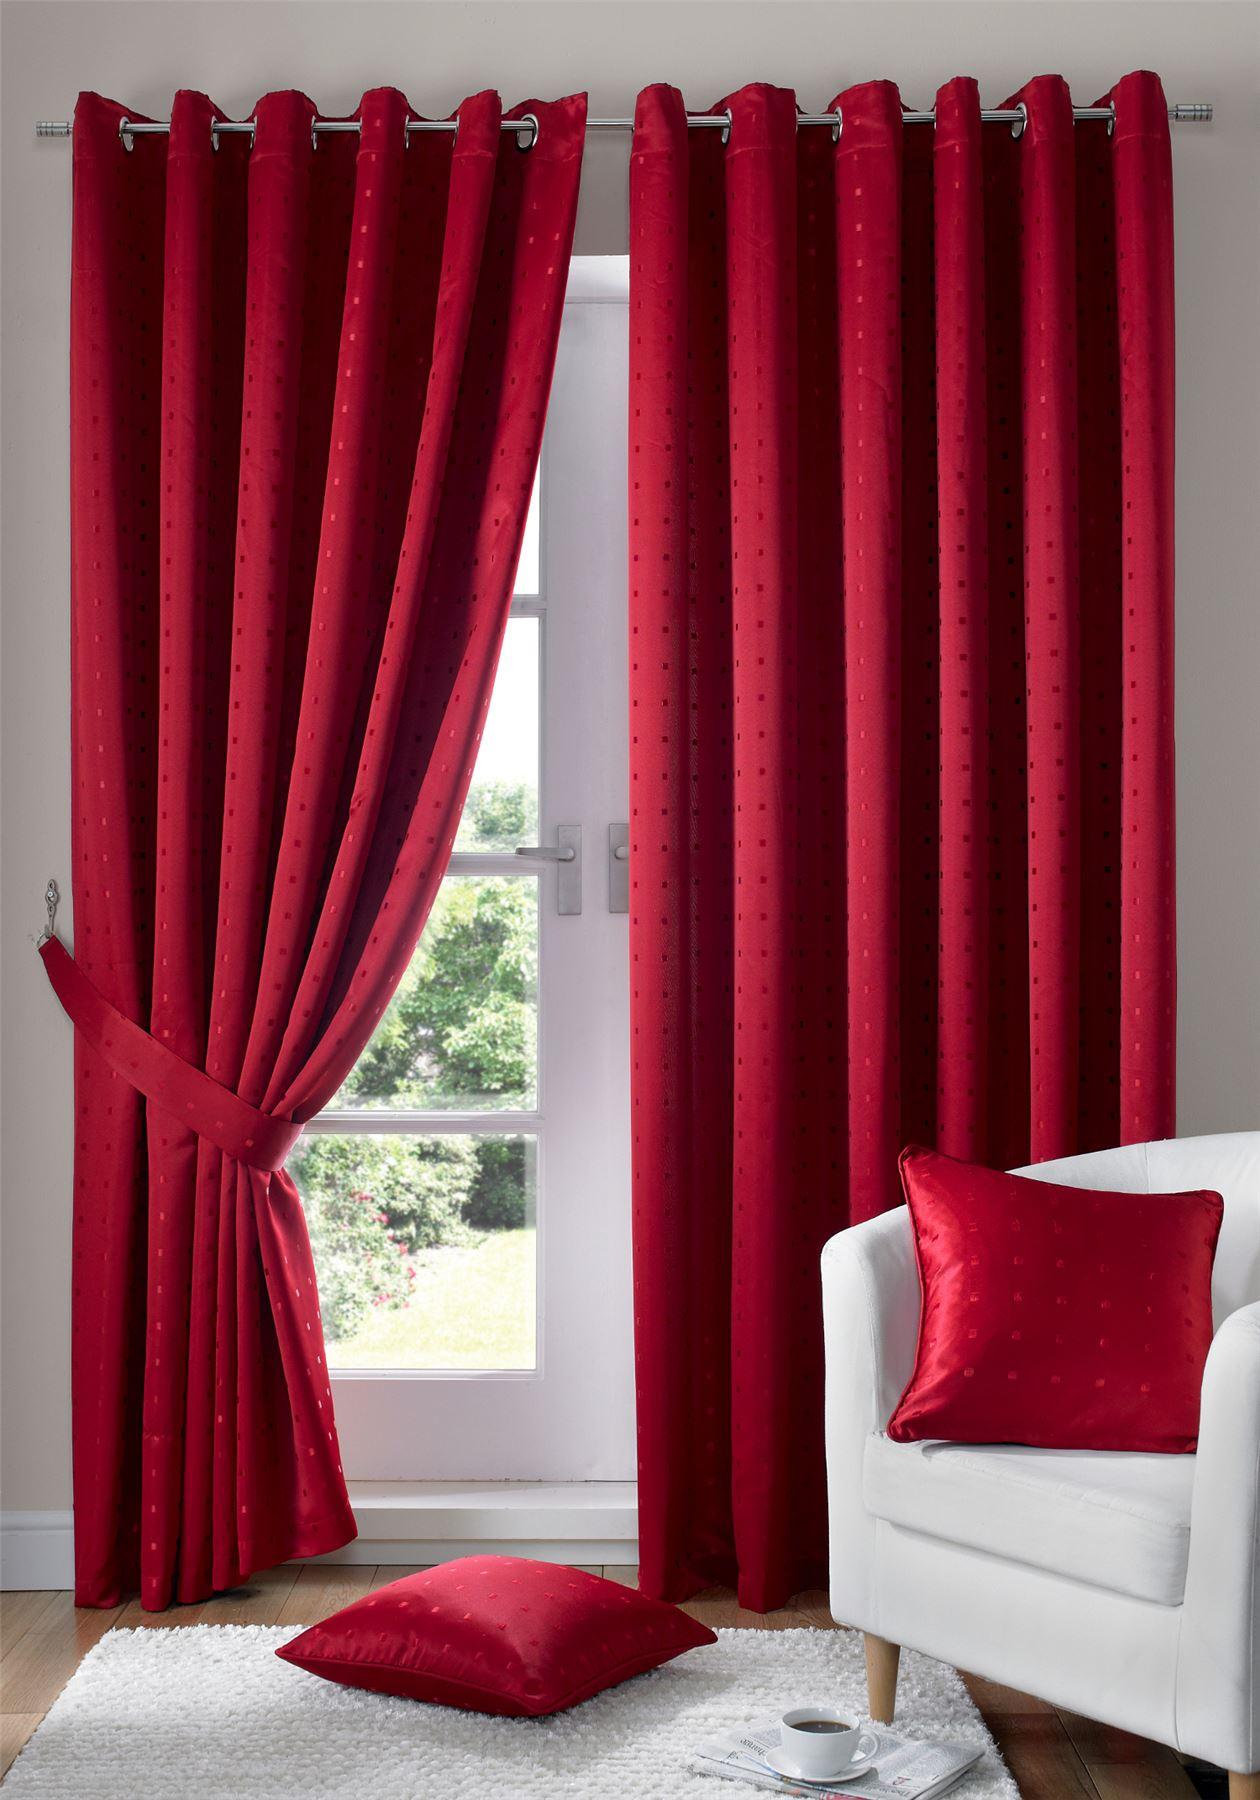 Vérifiez Doublé Jacquard Rouge Doublé Vérifiez Anneau Double rideaux à œillets tentures  6 tailles 02407e